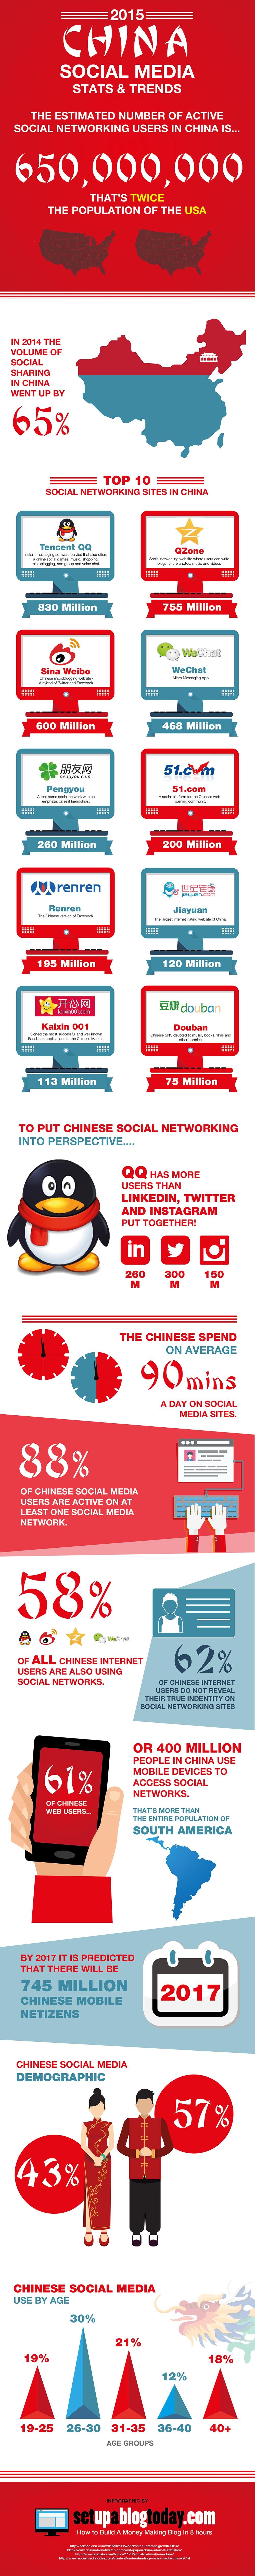 Chinese Social Media Stats 2015